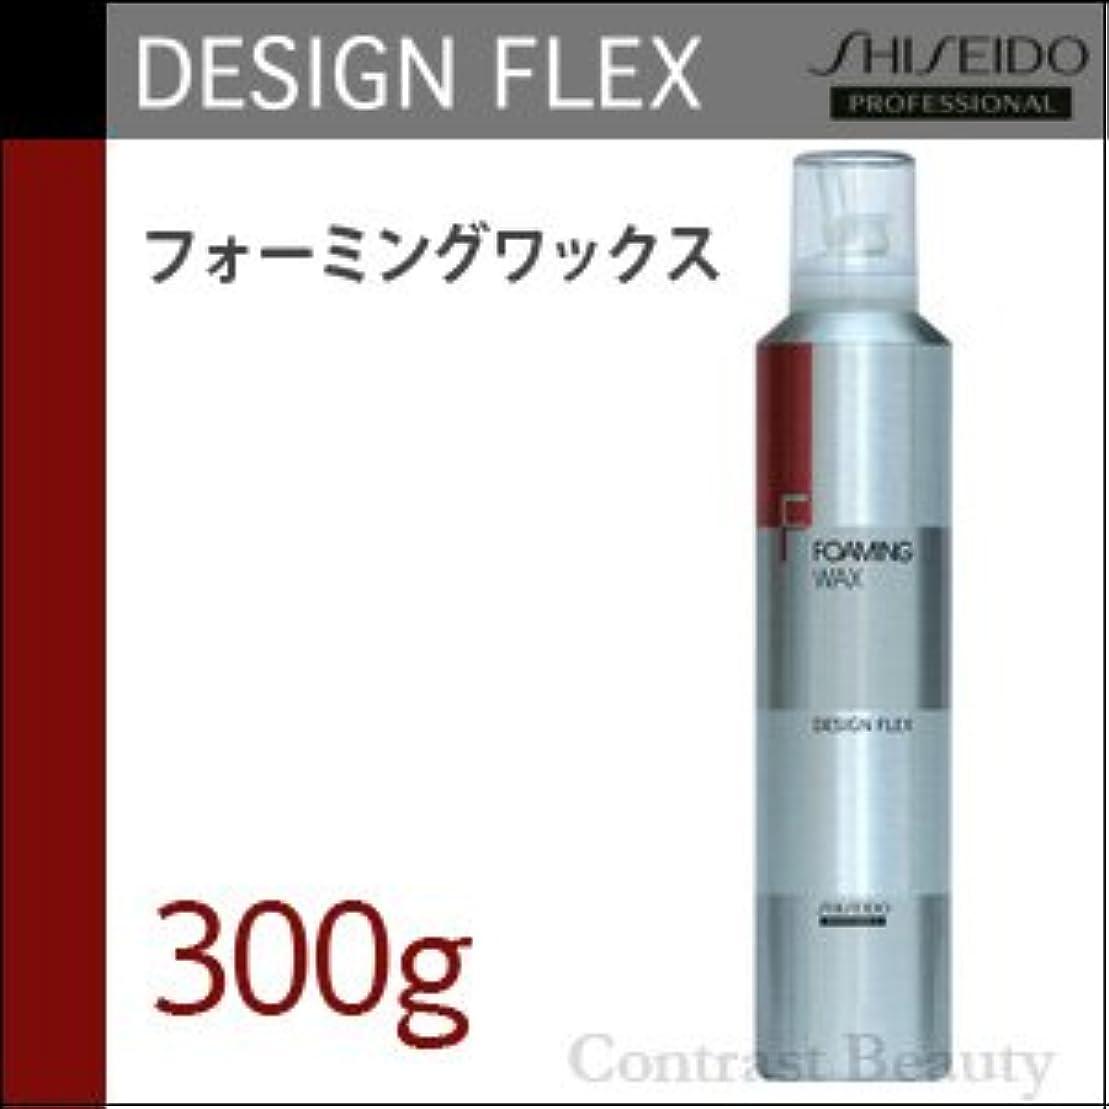 理容師外出クッション【x2個セット】 資生堂 デザインフレックス フォーミングワックス 300g